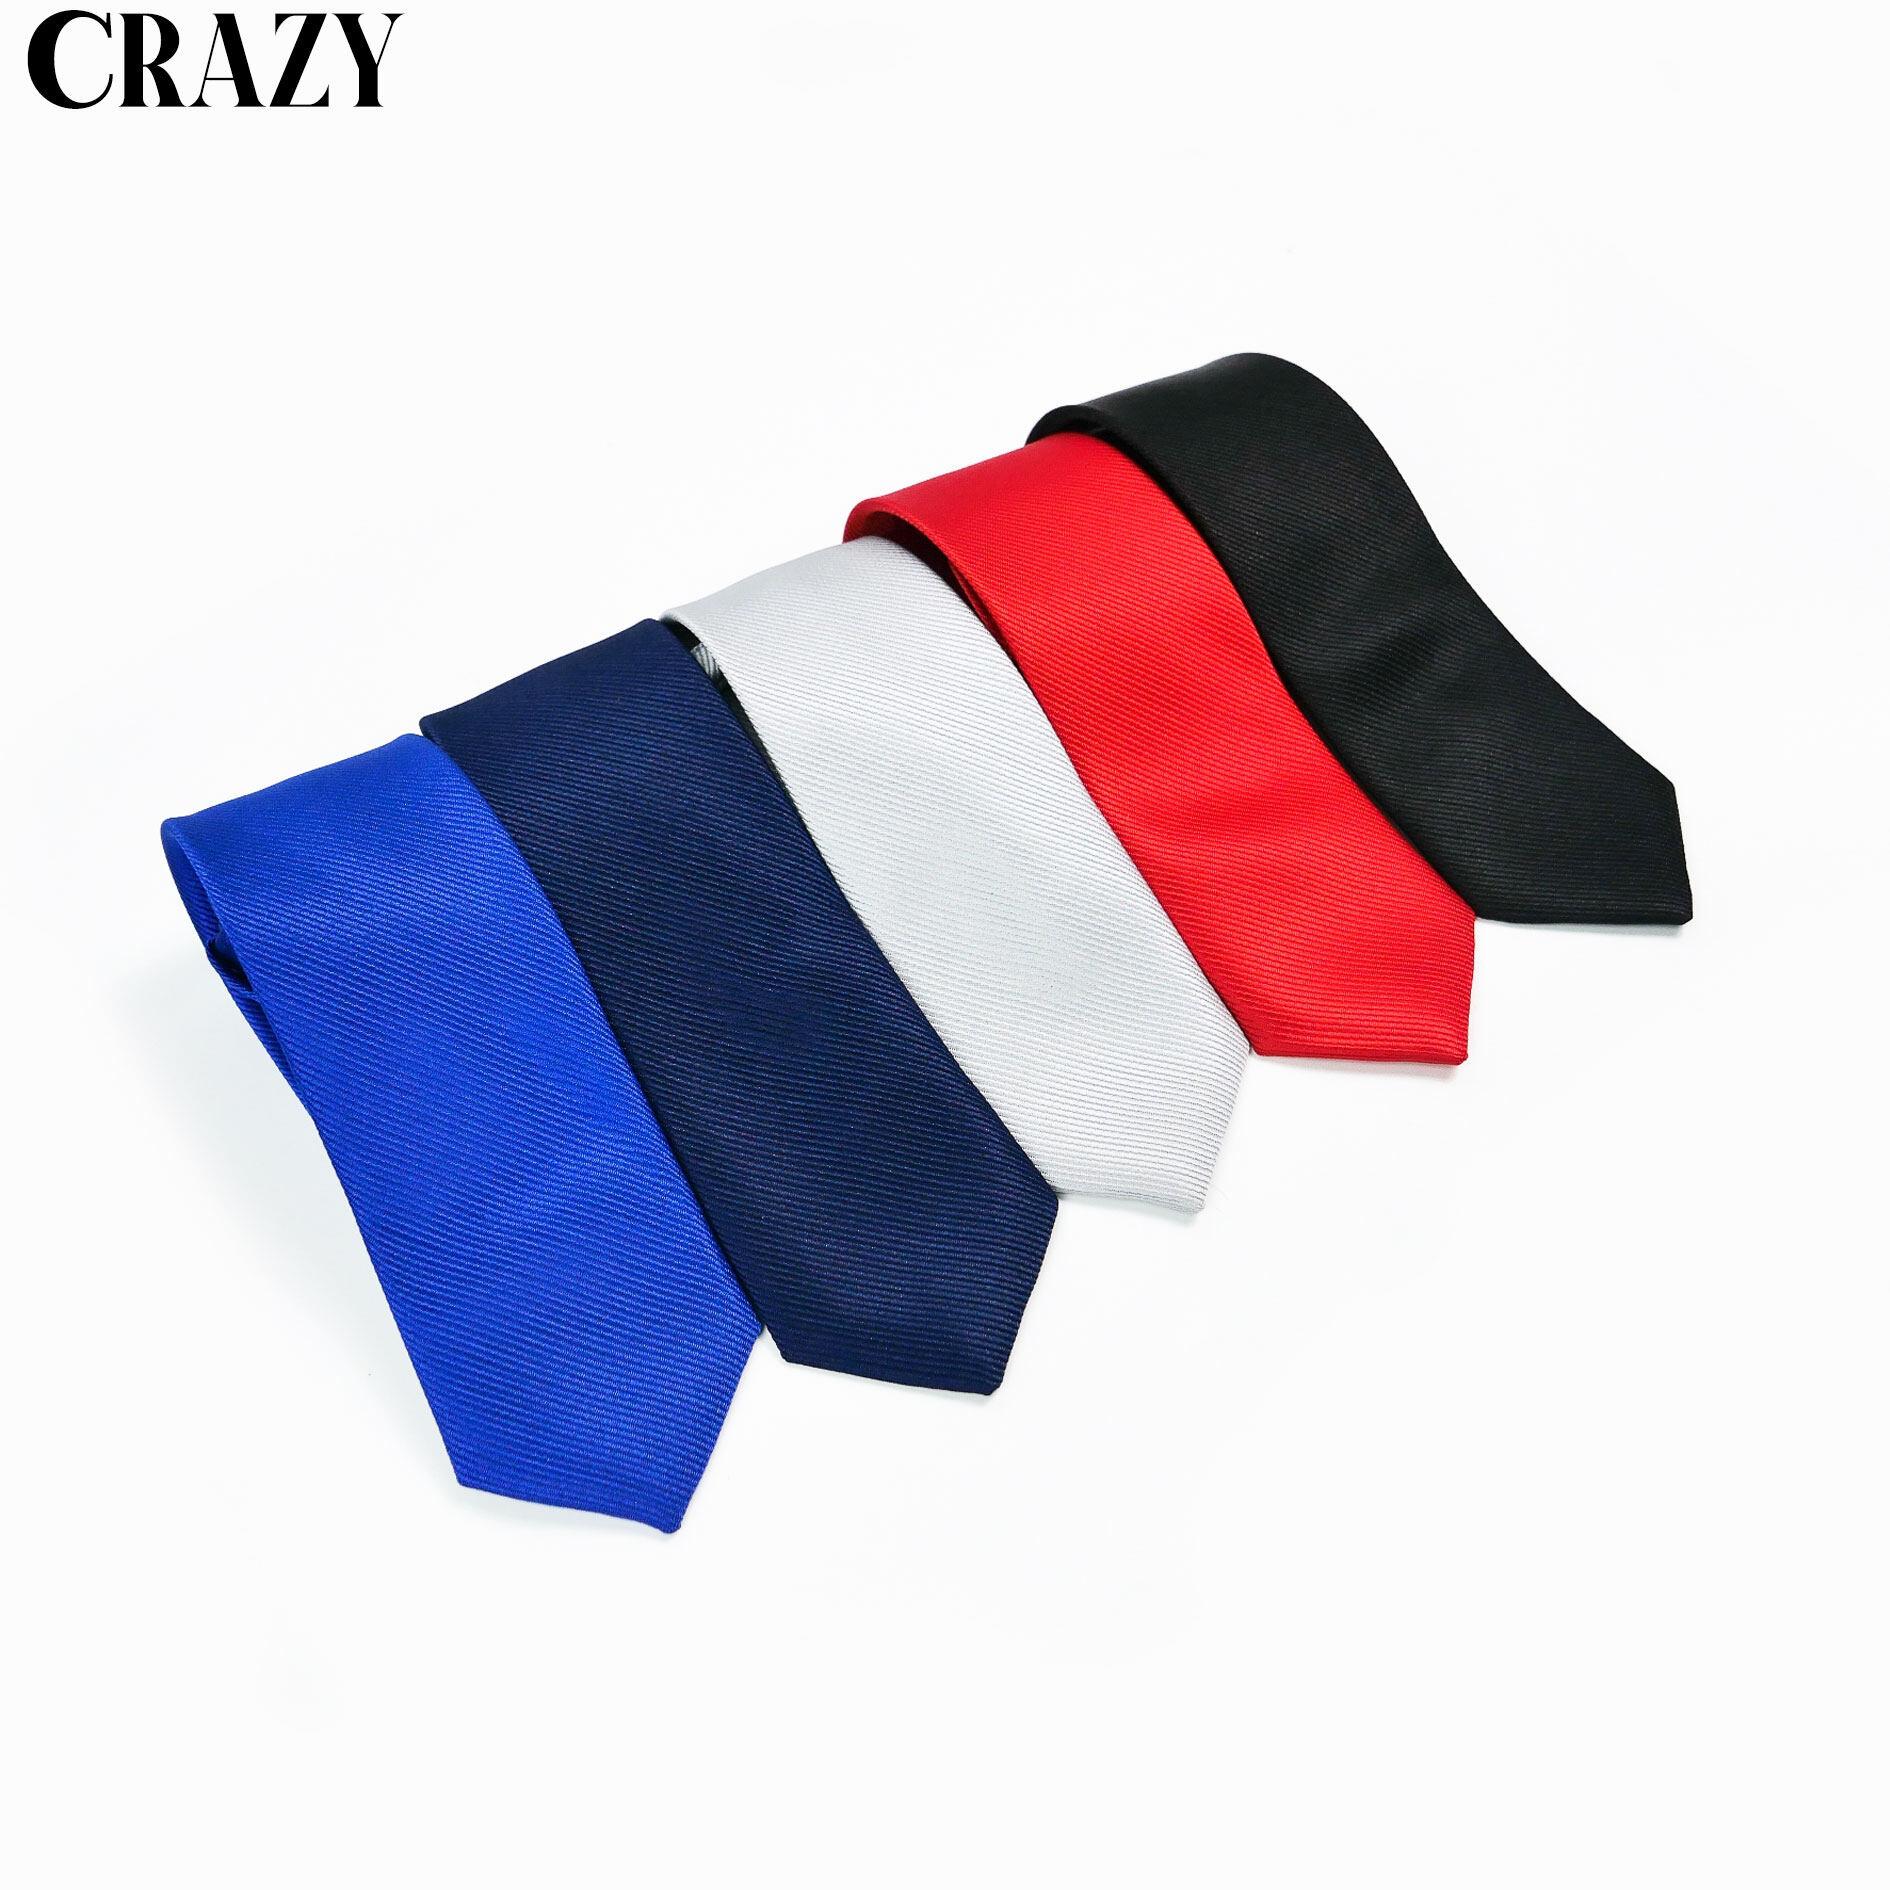 เนคไท แฟชั่นเกาหลีสำเร็จรูป (nt) พร้อมผูกในตัวสี Navy,red,black,blue,silver.